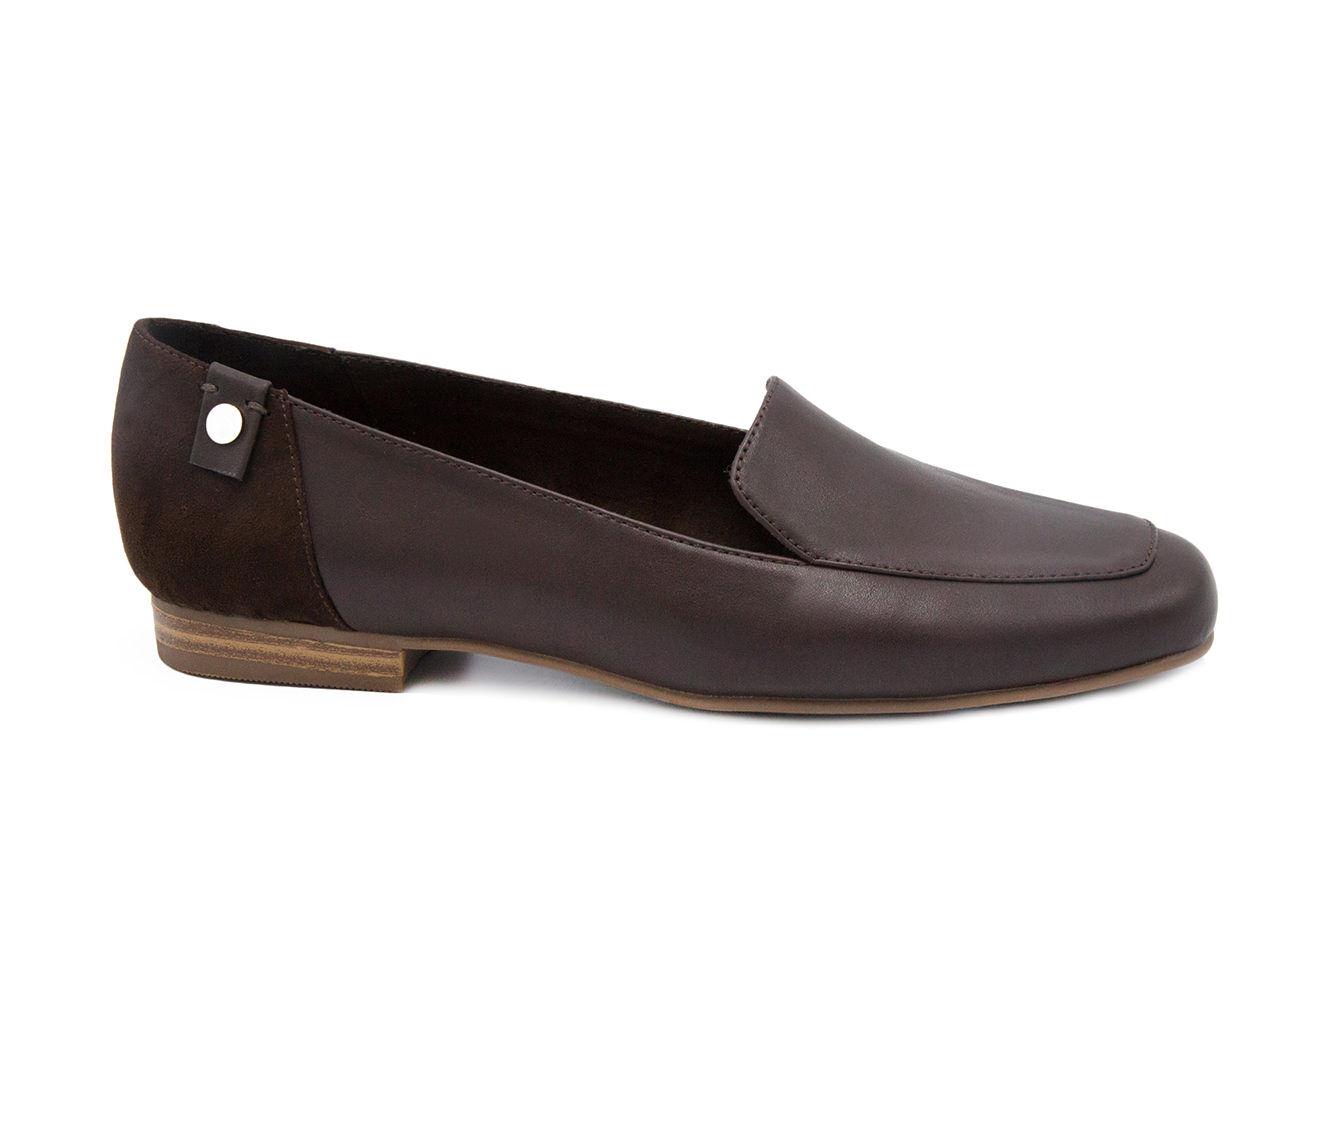 Women's Gloria Vanderbilt Marjorie Shoes Espresso